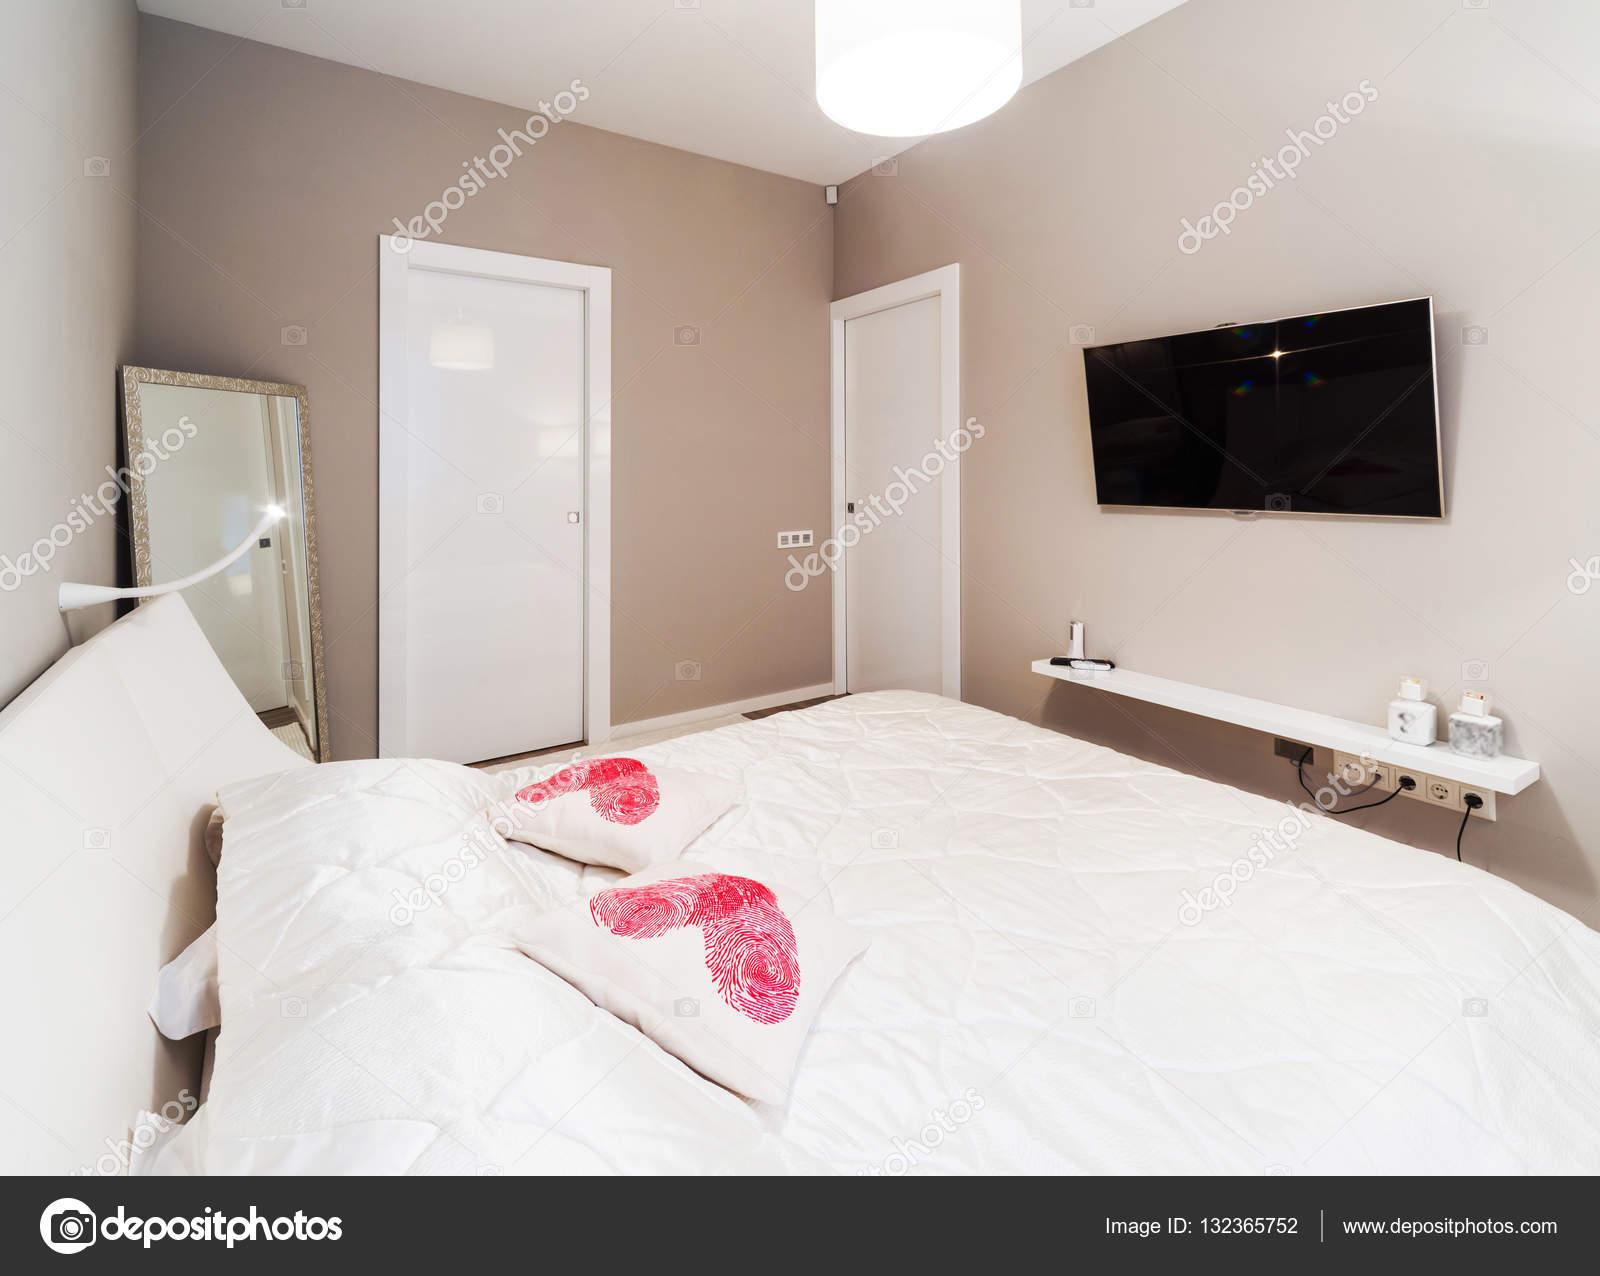 Kleuren In Interieur : Slaapkamer interieur in beige kleuren u stockfoto baburkina